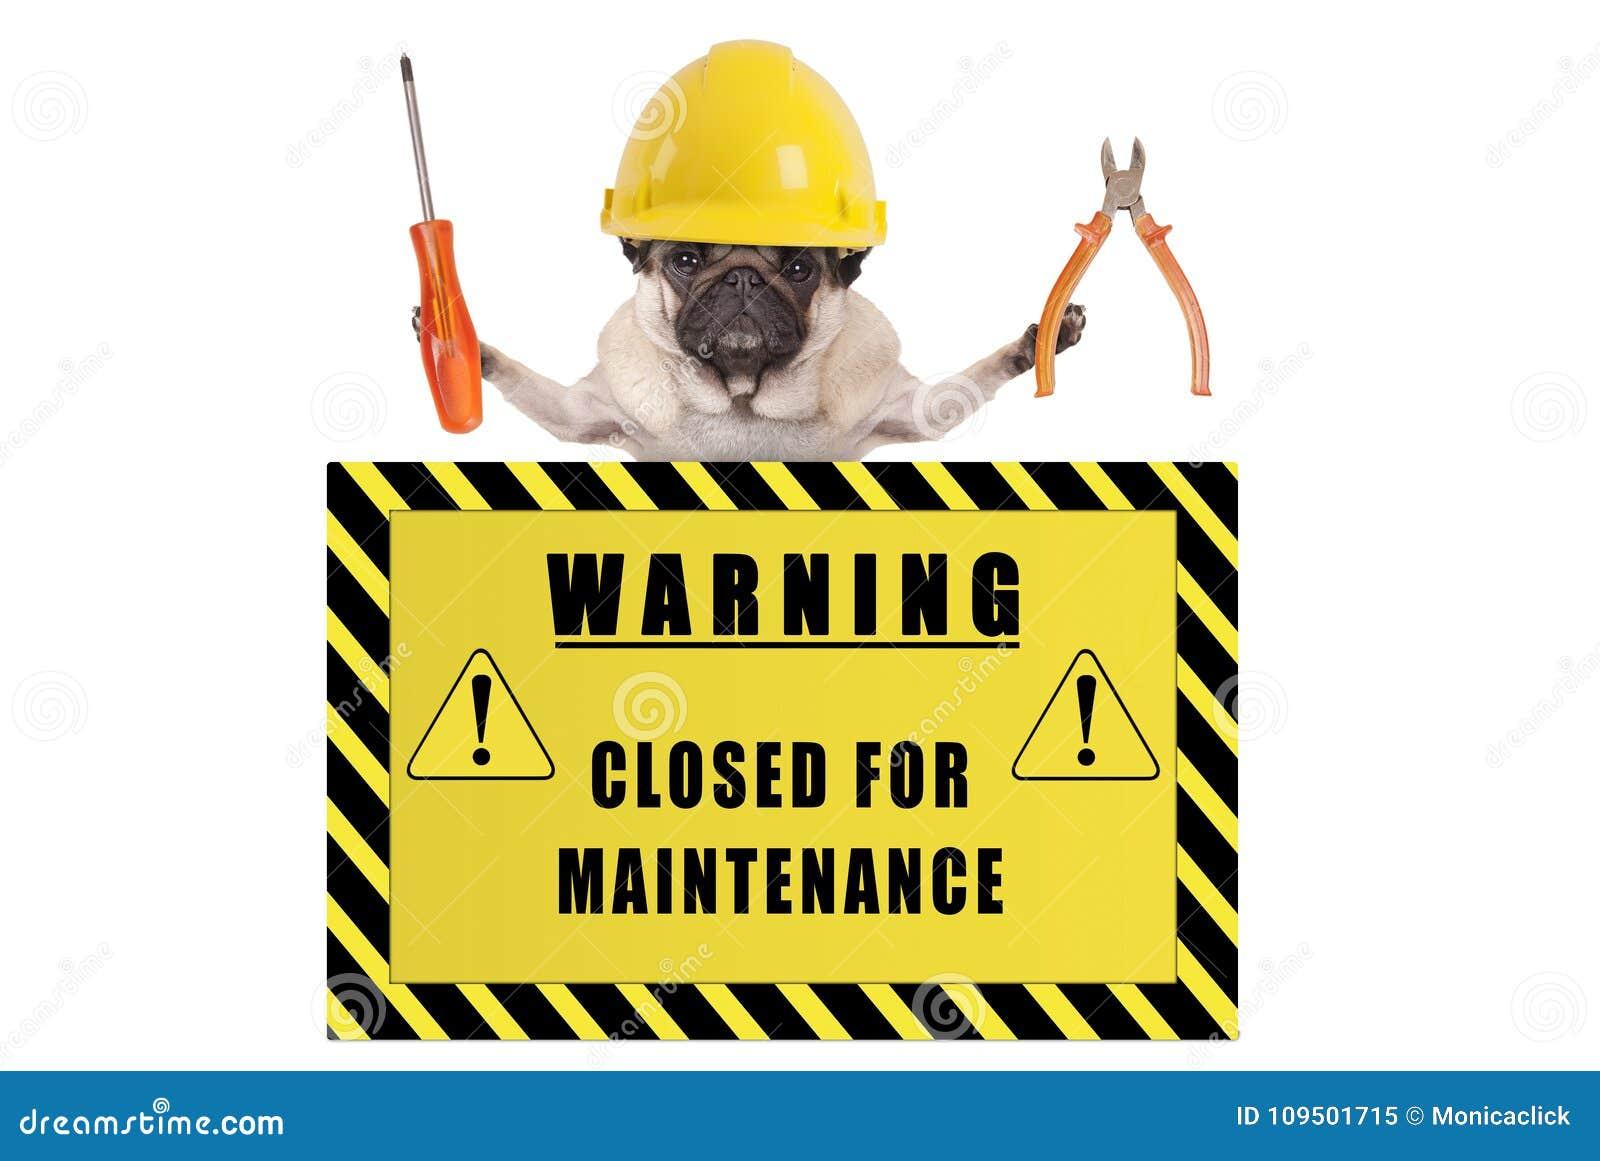 与建设者拿着钳子和螺丝刀有黄色警报信号说的安全帽的哈巴狗狗为维护关闭了